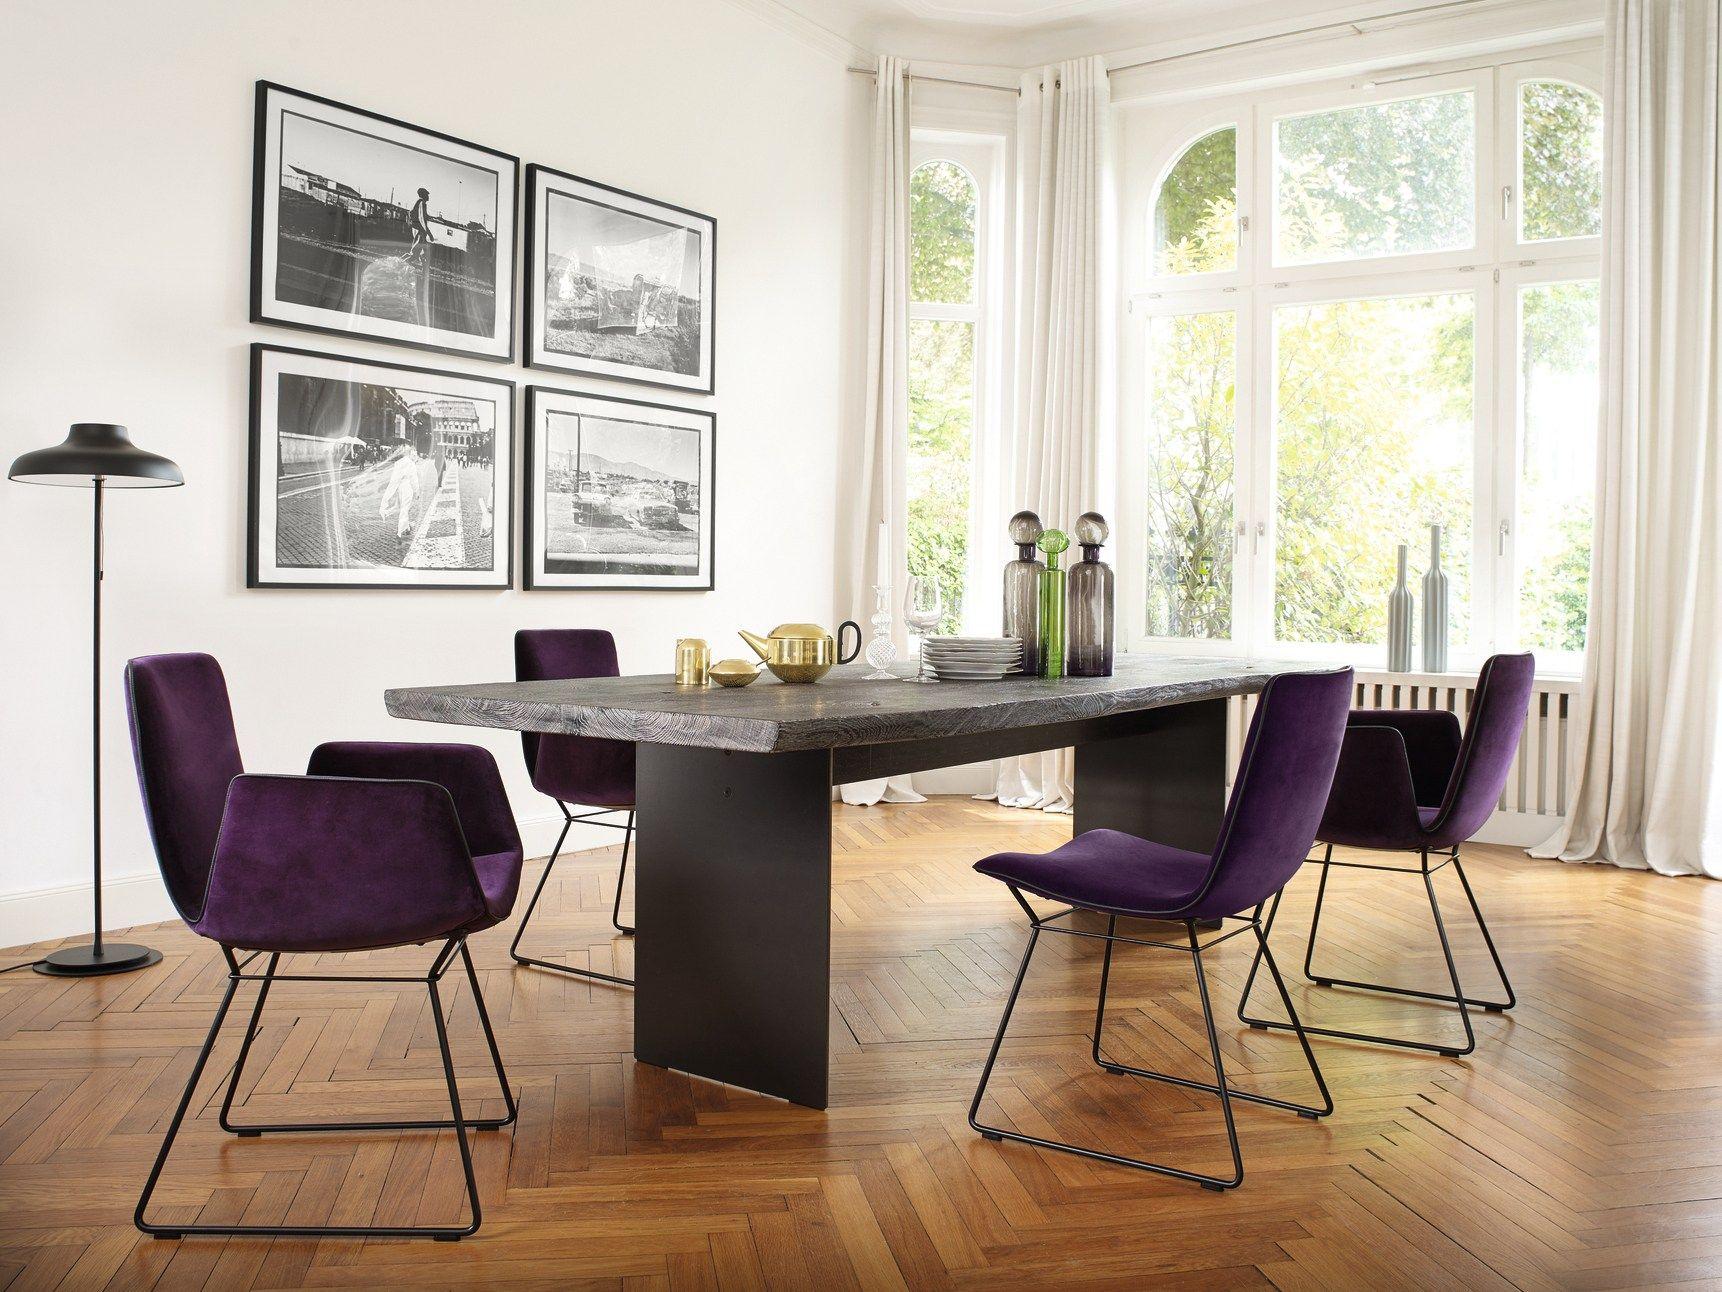 Tavolo da pranzo rettangolare in legno SK04 by Janua design Stefan ...